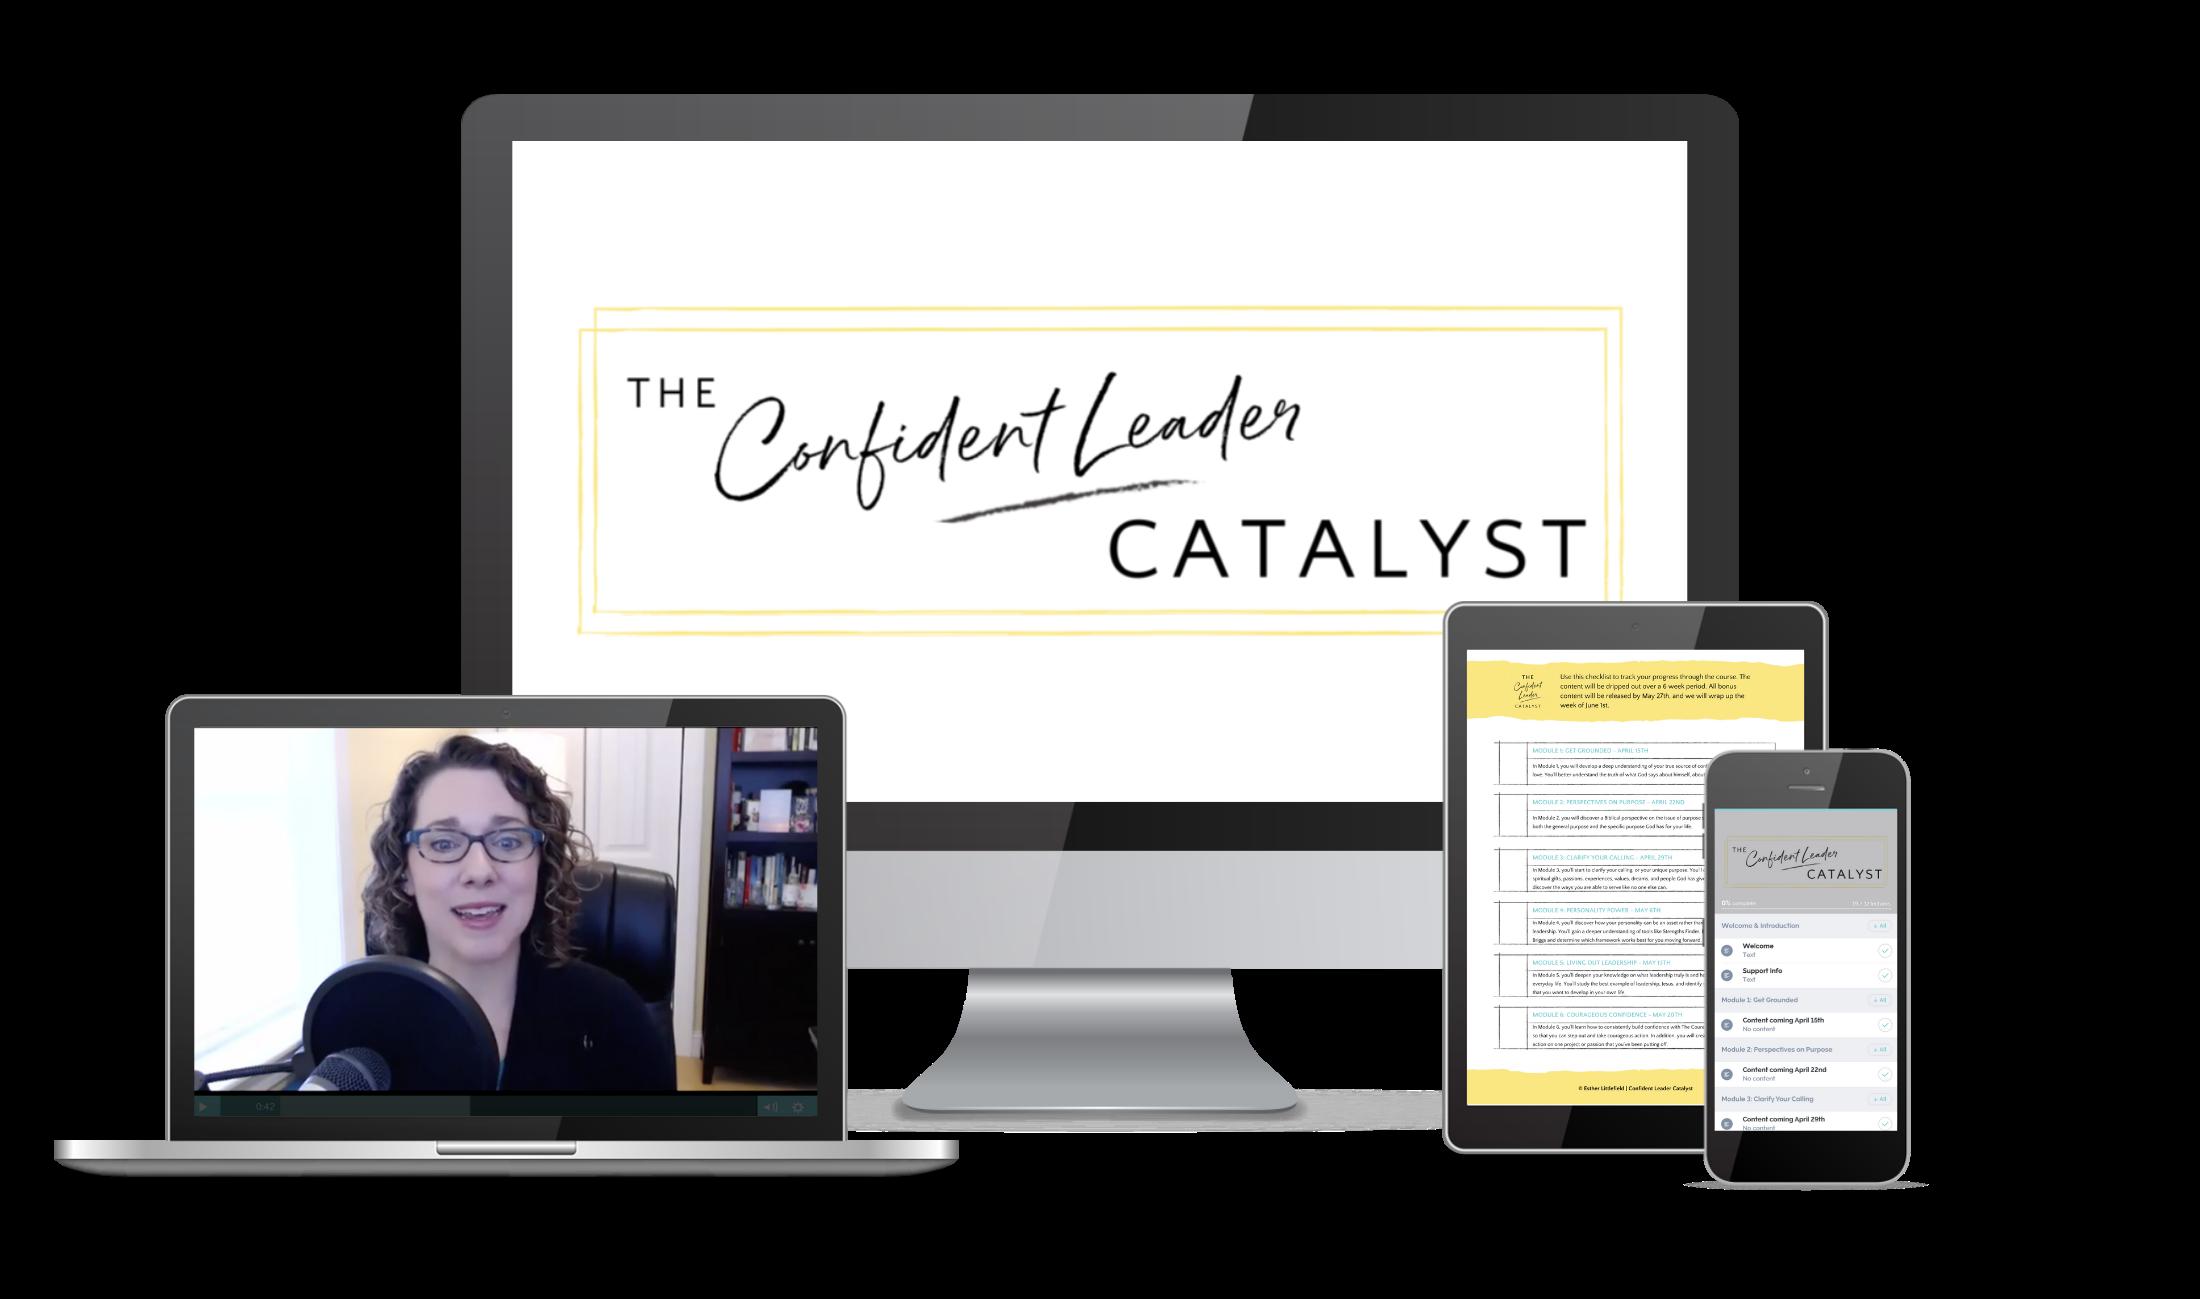 Confident Leader Catalyst